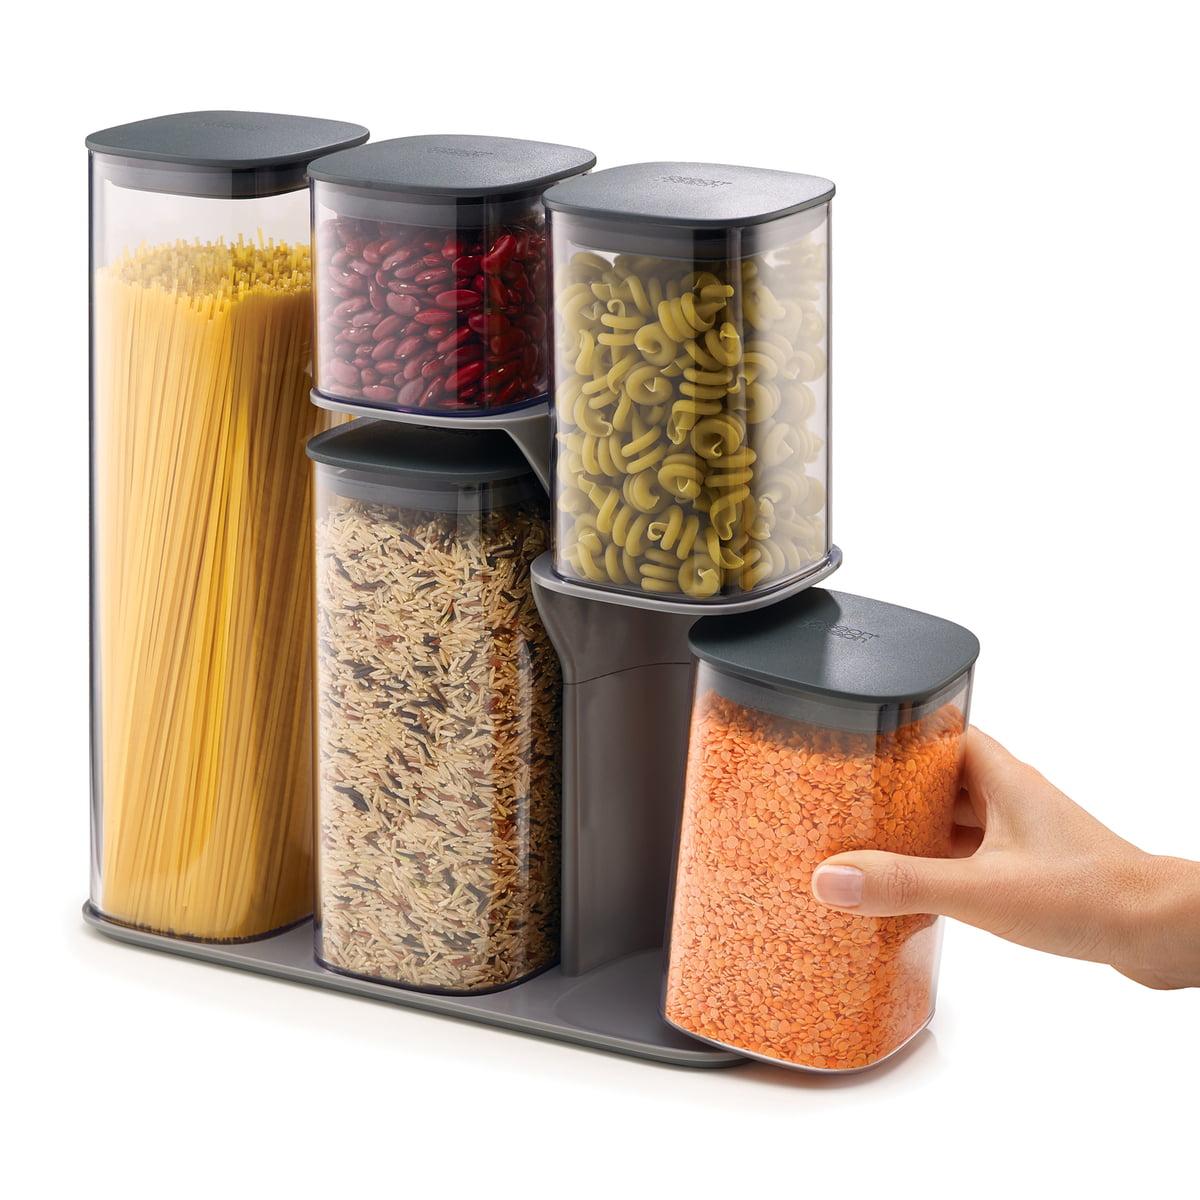 Full Size of Aufbewahrungsbehlter Kche Kaufen Kchenutensilien Ikea Fr Aufbewahrungsbehälter Küche Küchen Regal Wohnzimmer Küchen Aufbewahrungsbehälter